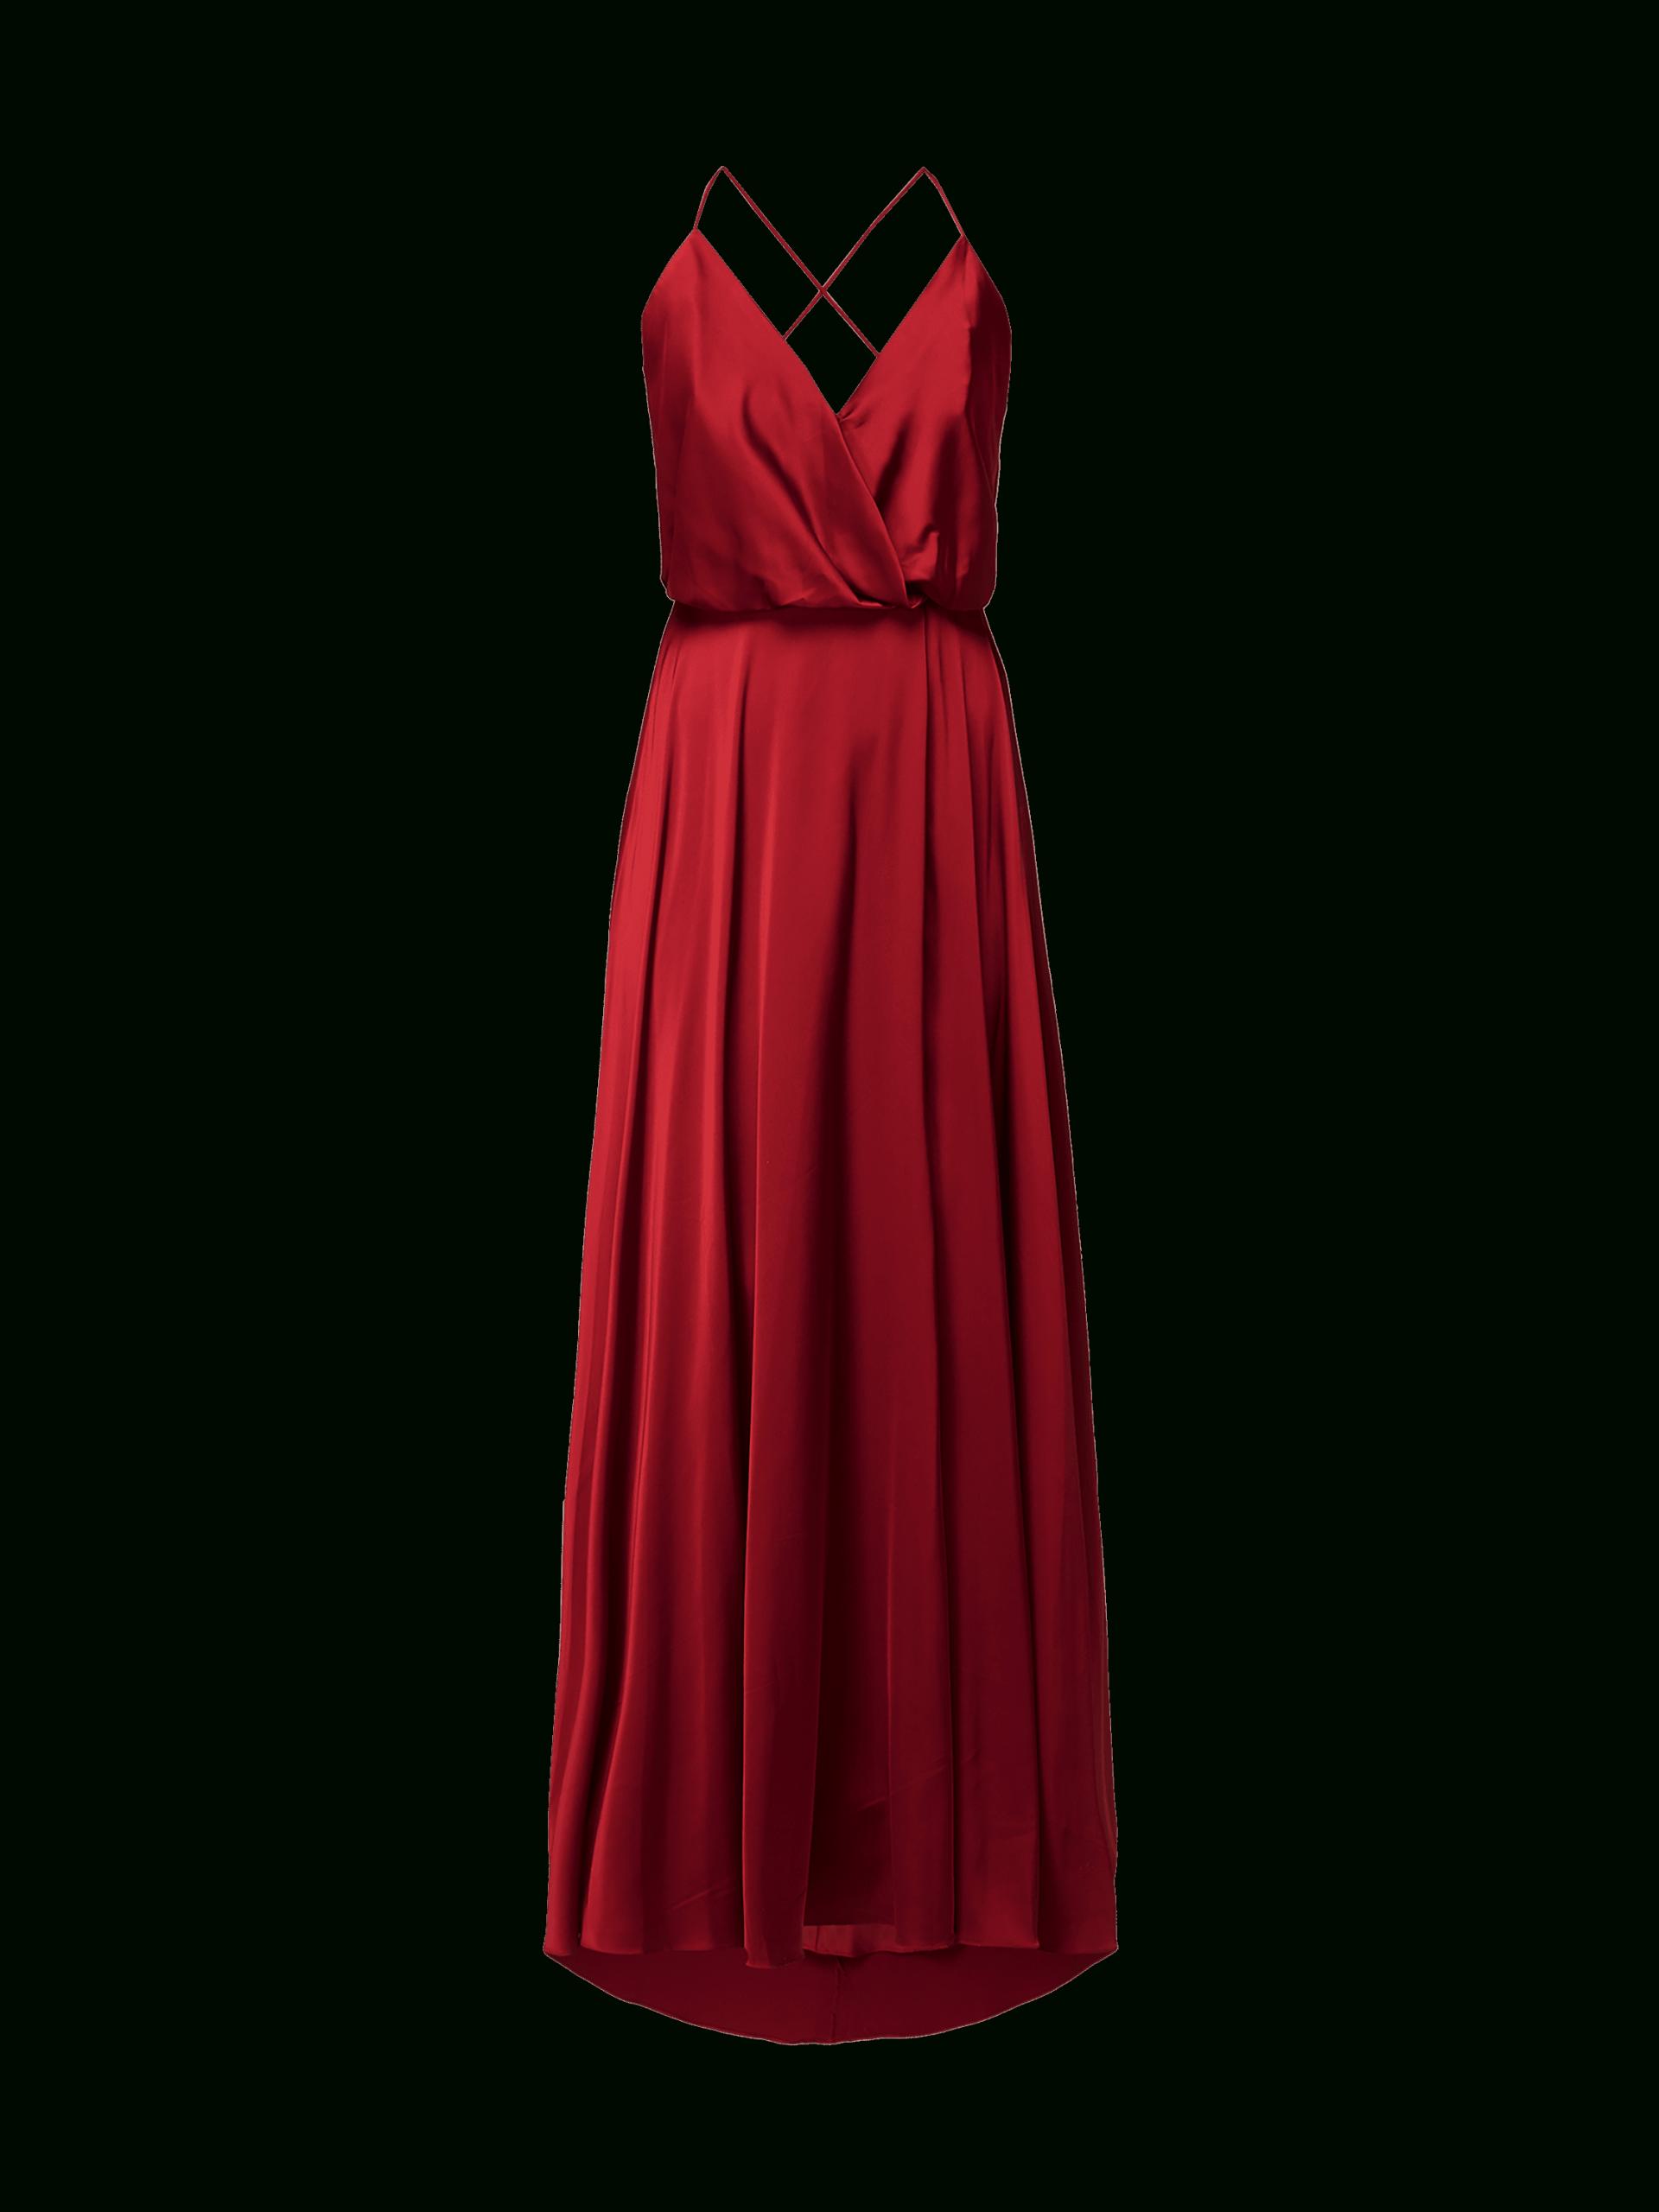 20 Spektakulär Unique Abendkleid Aus Satin Vertrieb20 Wunderbar Unique Abendkleid Aus Satin Ärmel